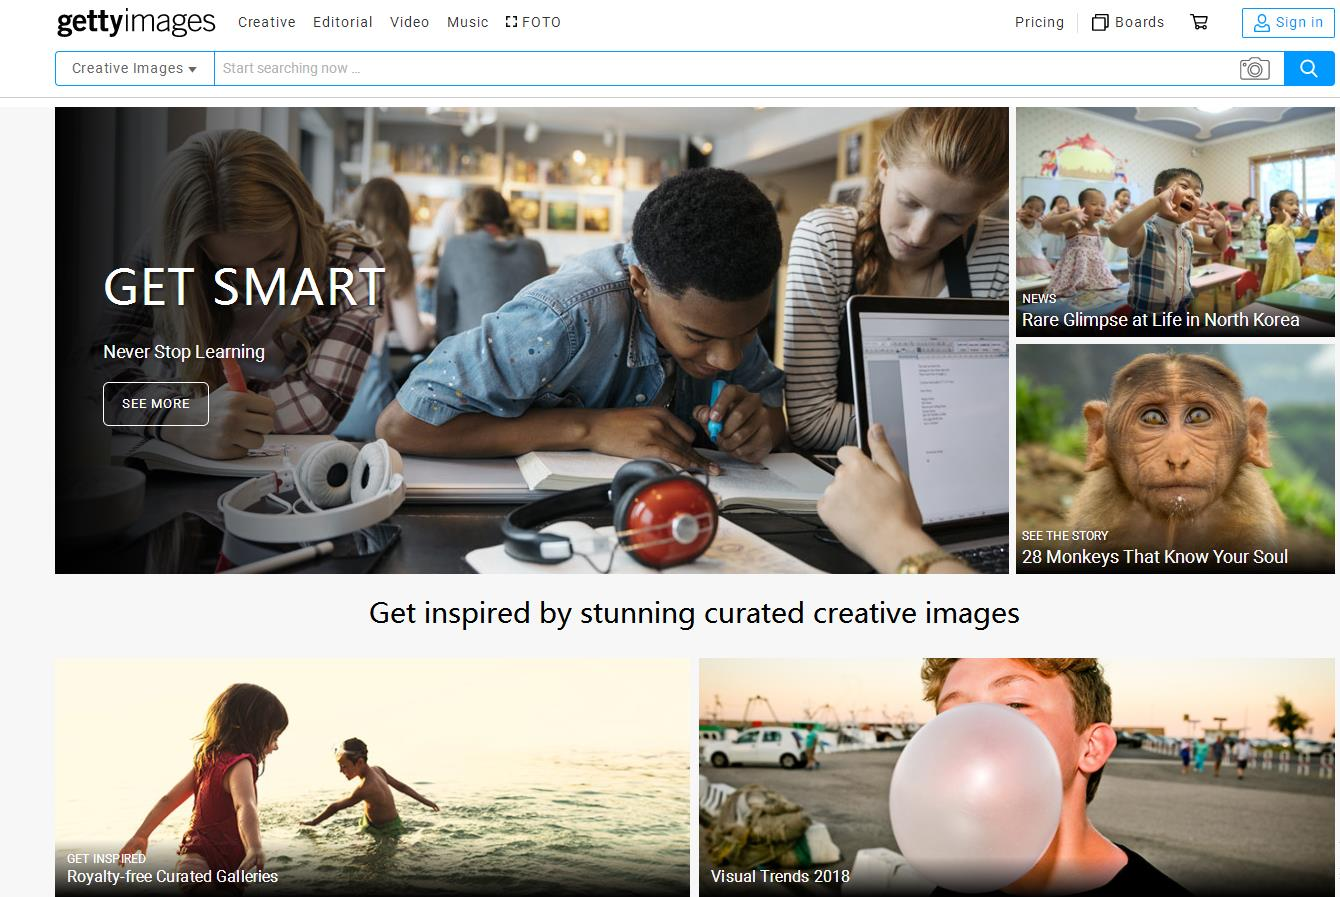 视觉媒体服务供应商 Getty Images 的创始人家族将从凯雷集团手中购回51% 控制股权